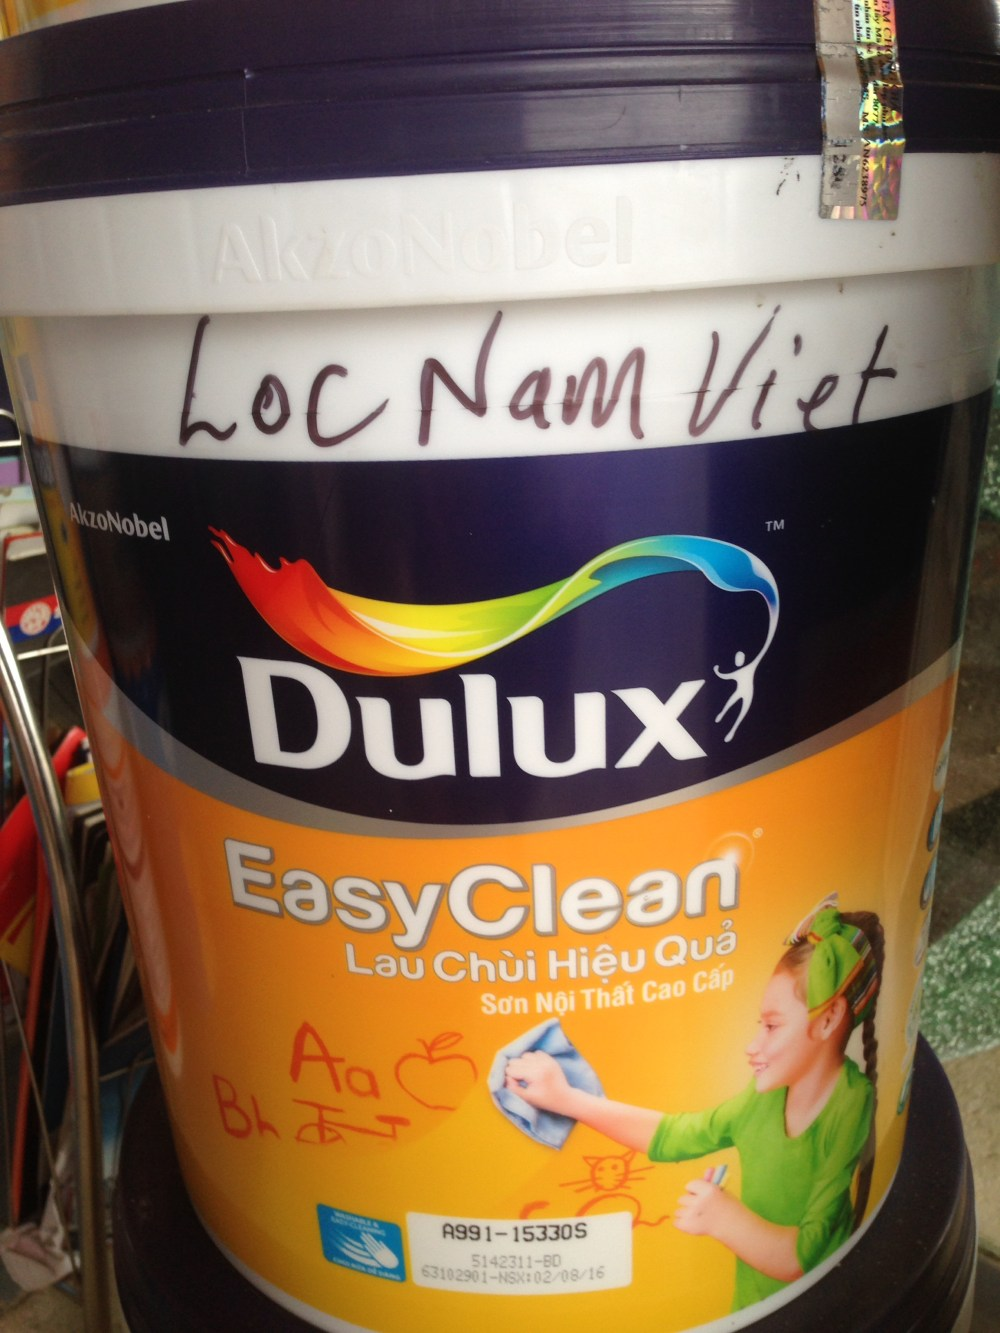 Sơn nước Dulux easyclean- lau chùi hiệu quả